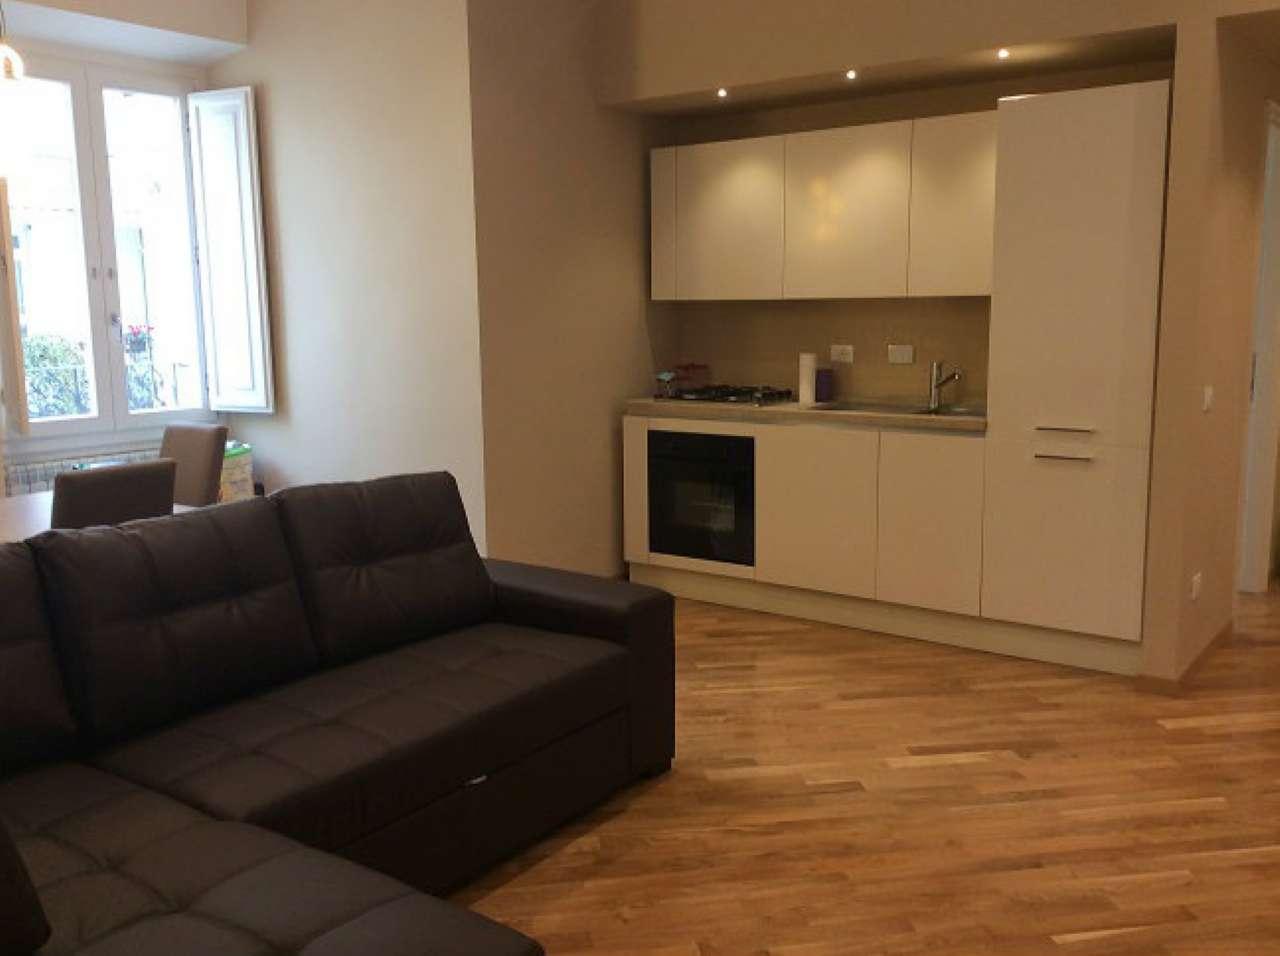 Trilocale roma affitto 1400 euro zona 3 trieste 07 02 2017 for Affitto appartamento transitorio roma